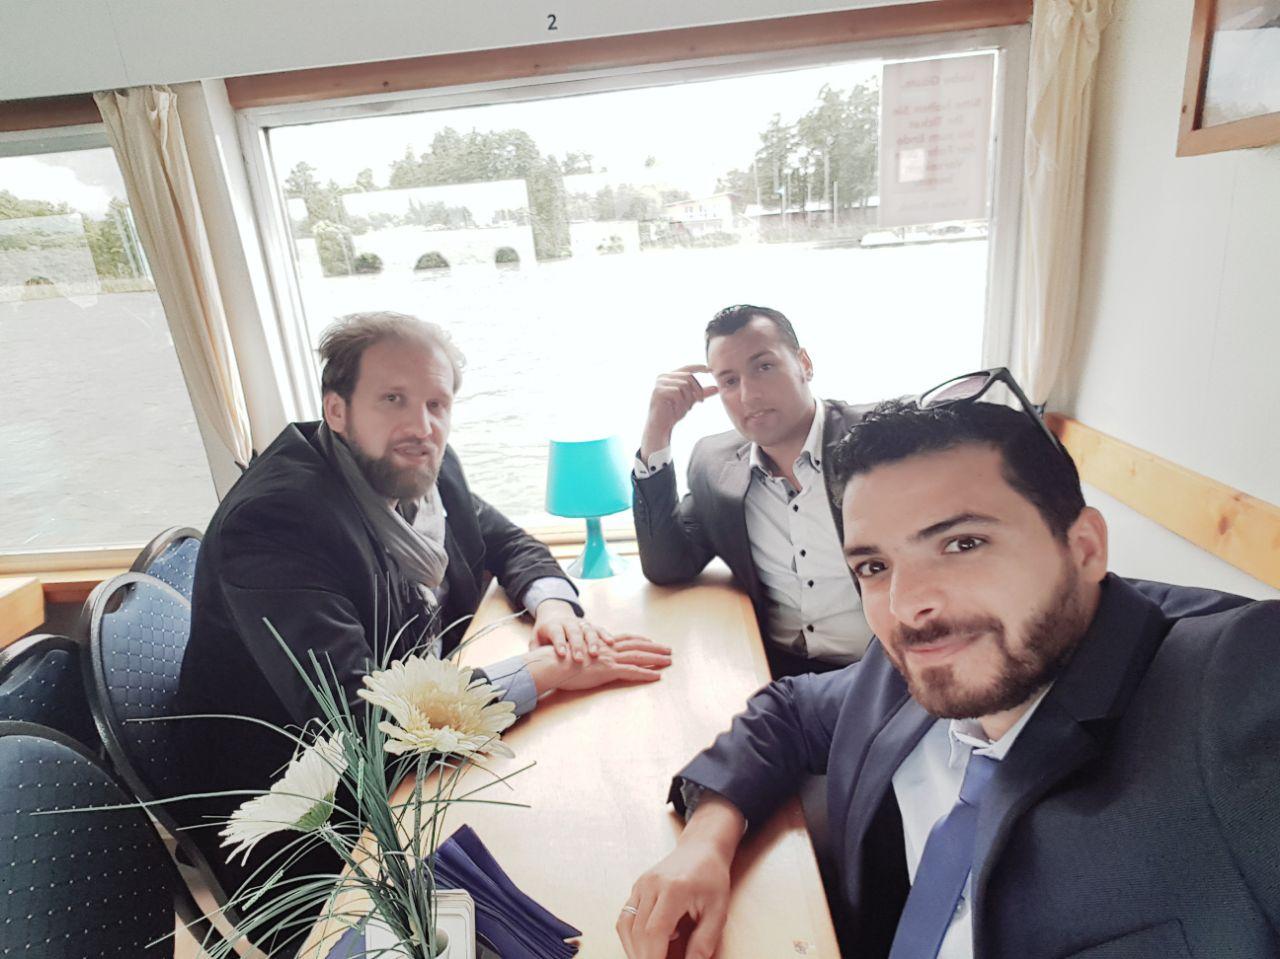 syrischeszentrum00161